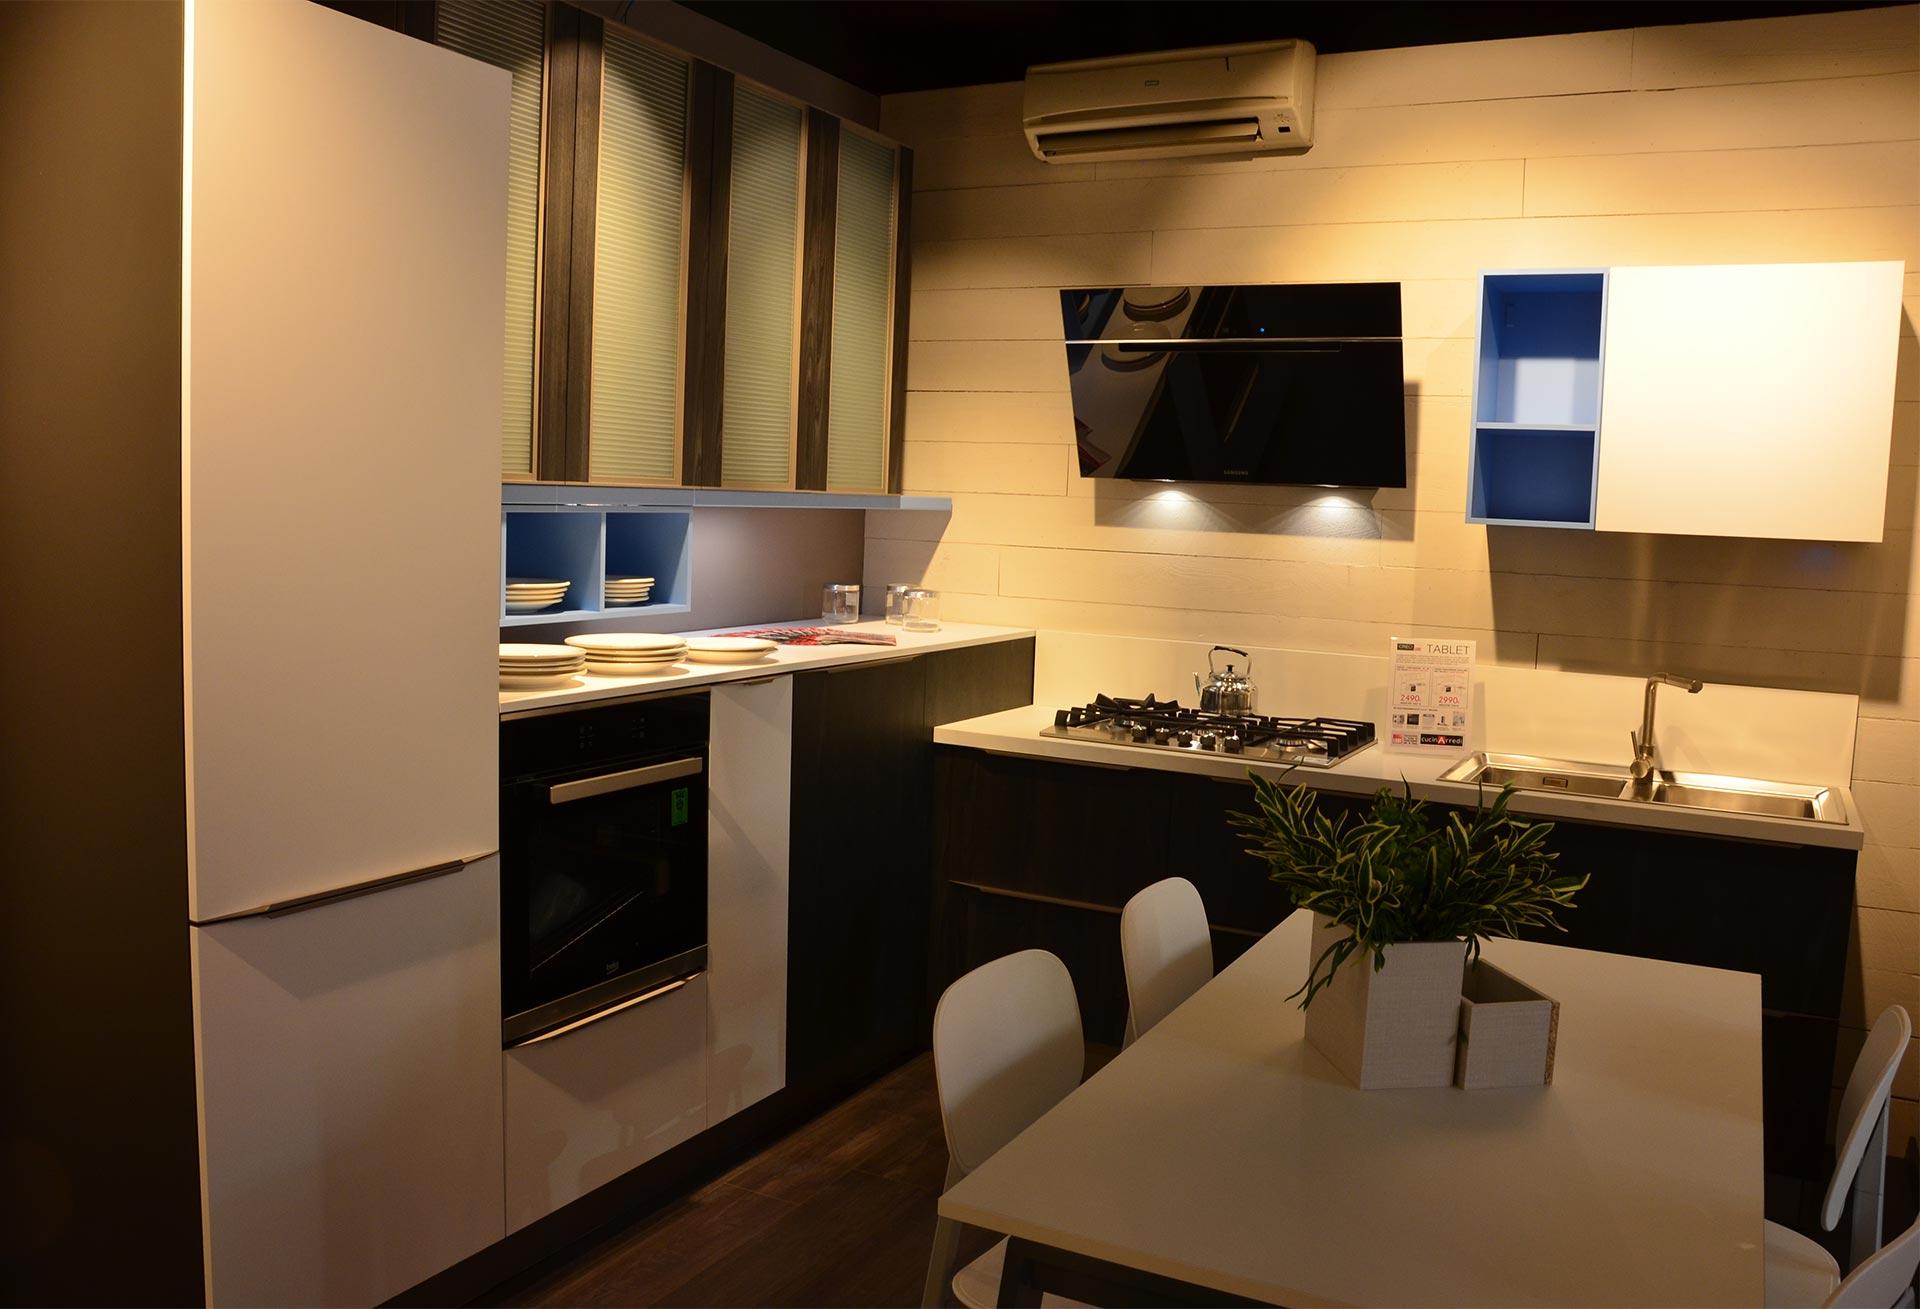 Il Gruppo Lube Inaugura Un Nuovo Centro Cucine Lube E Creo A Genova Creo Kitchens